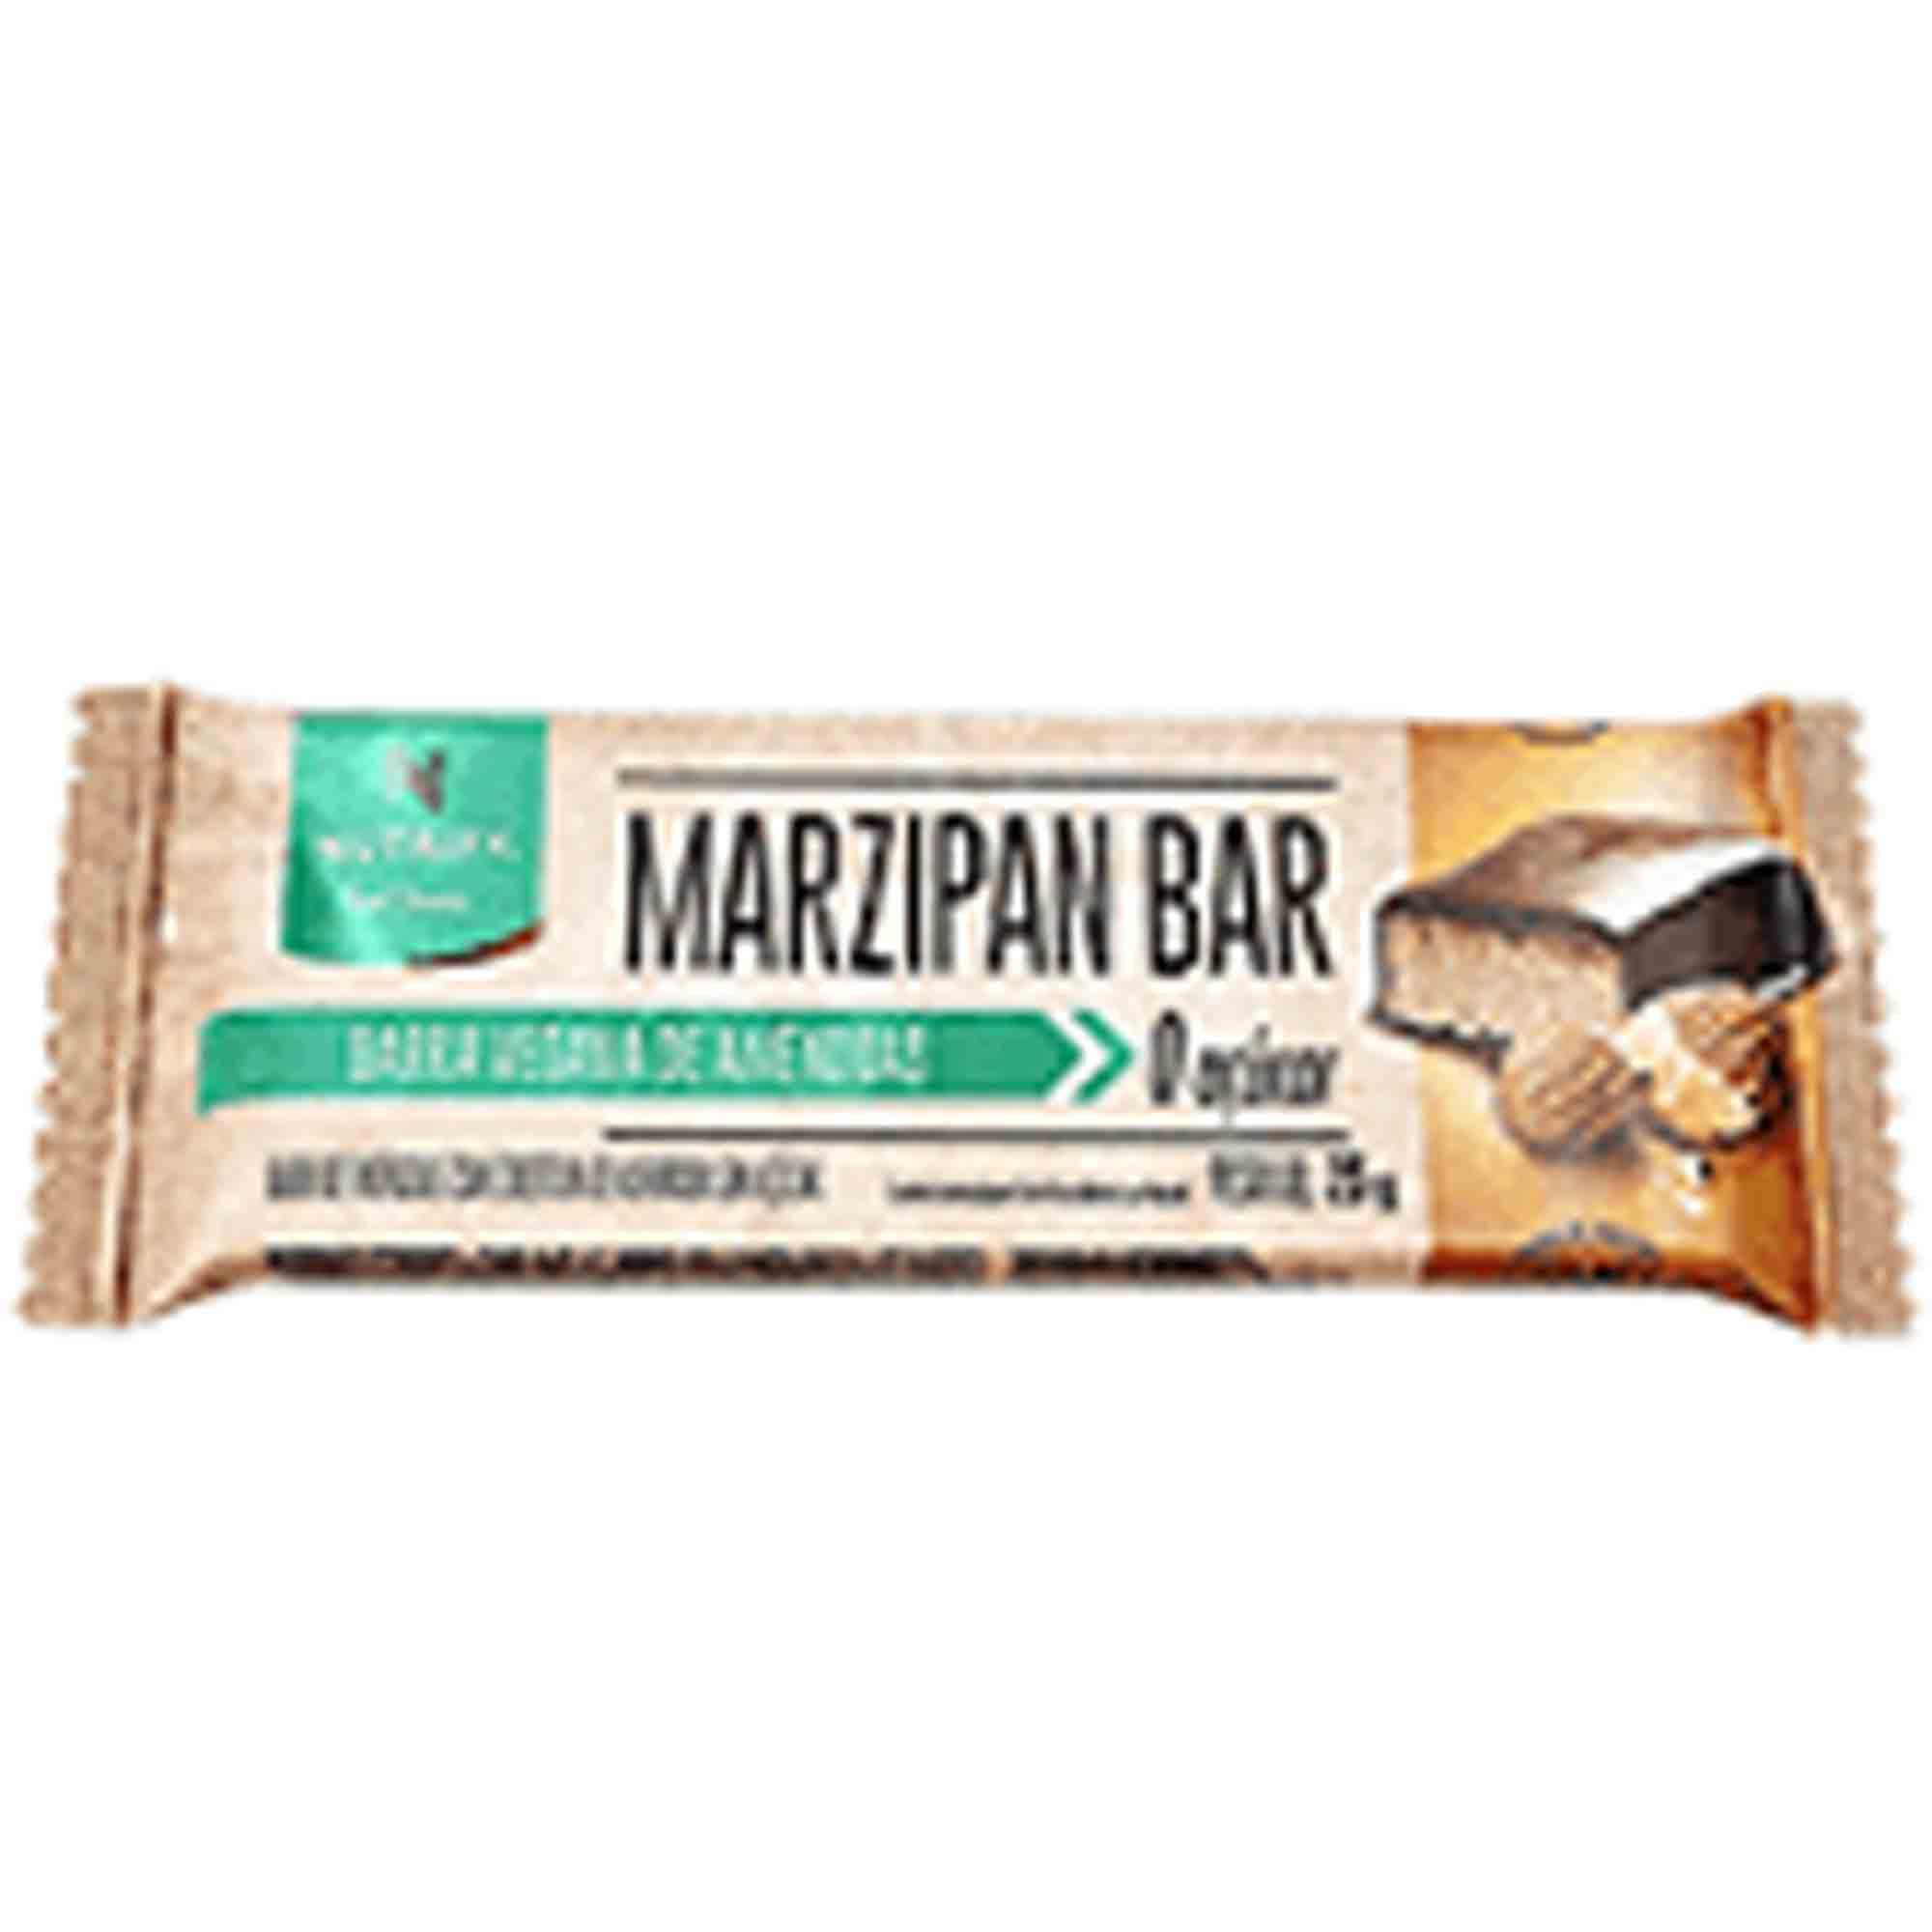 Marzipan Bar 25g Nutrify